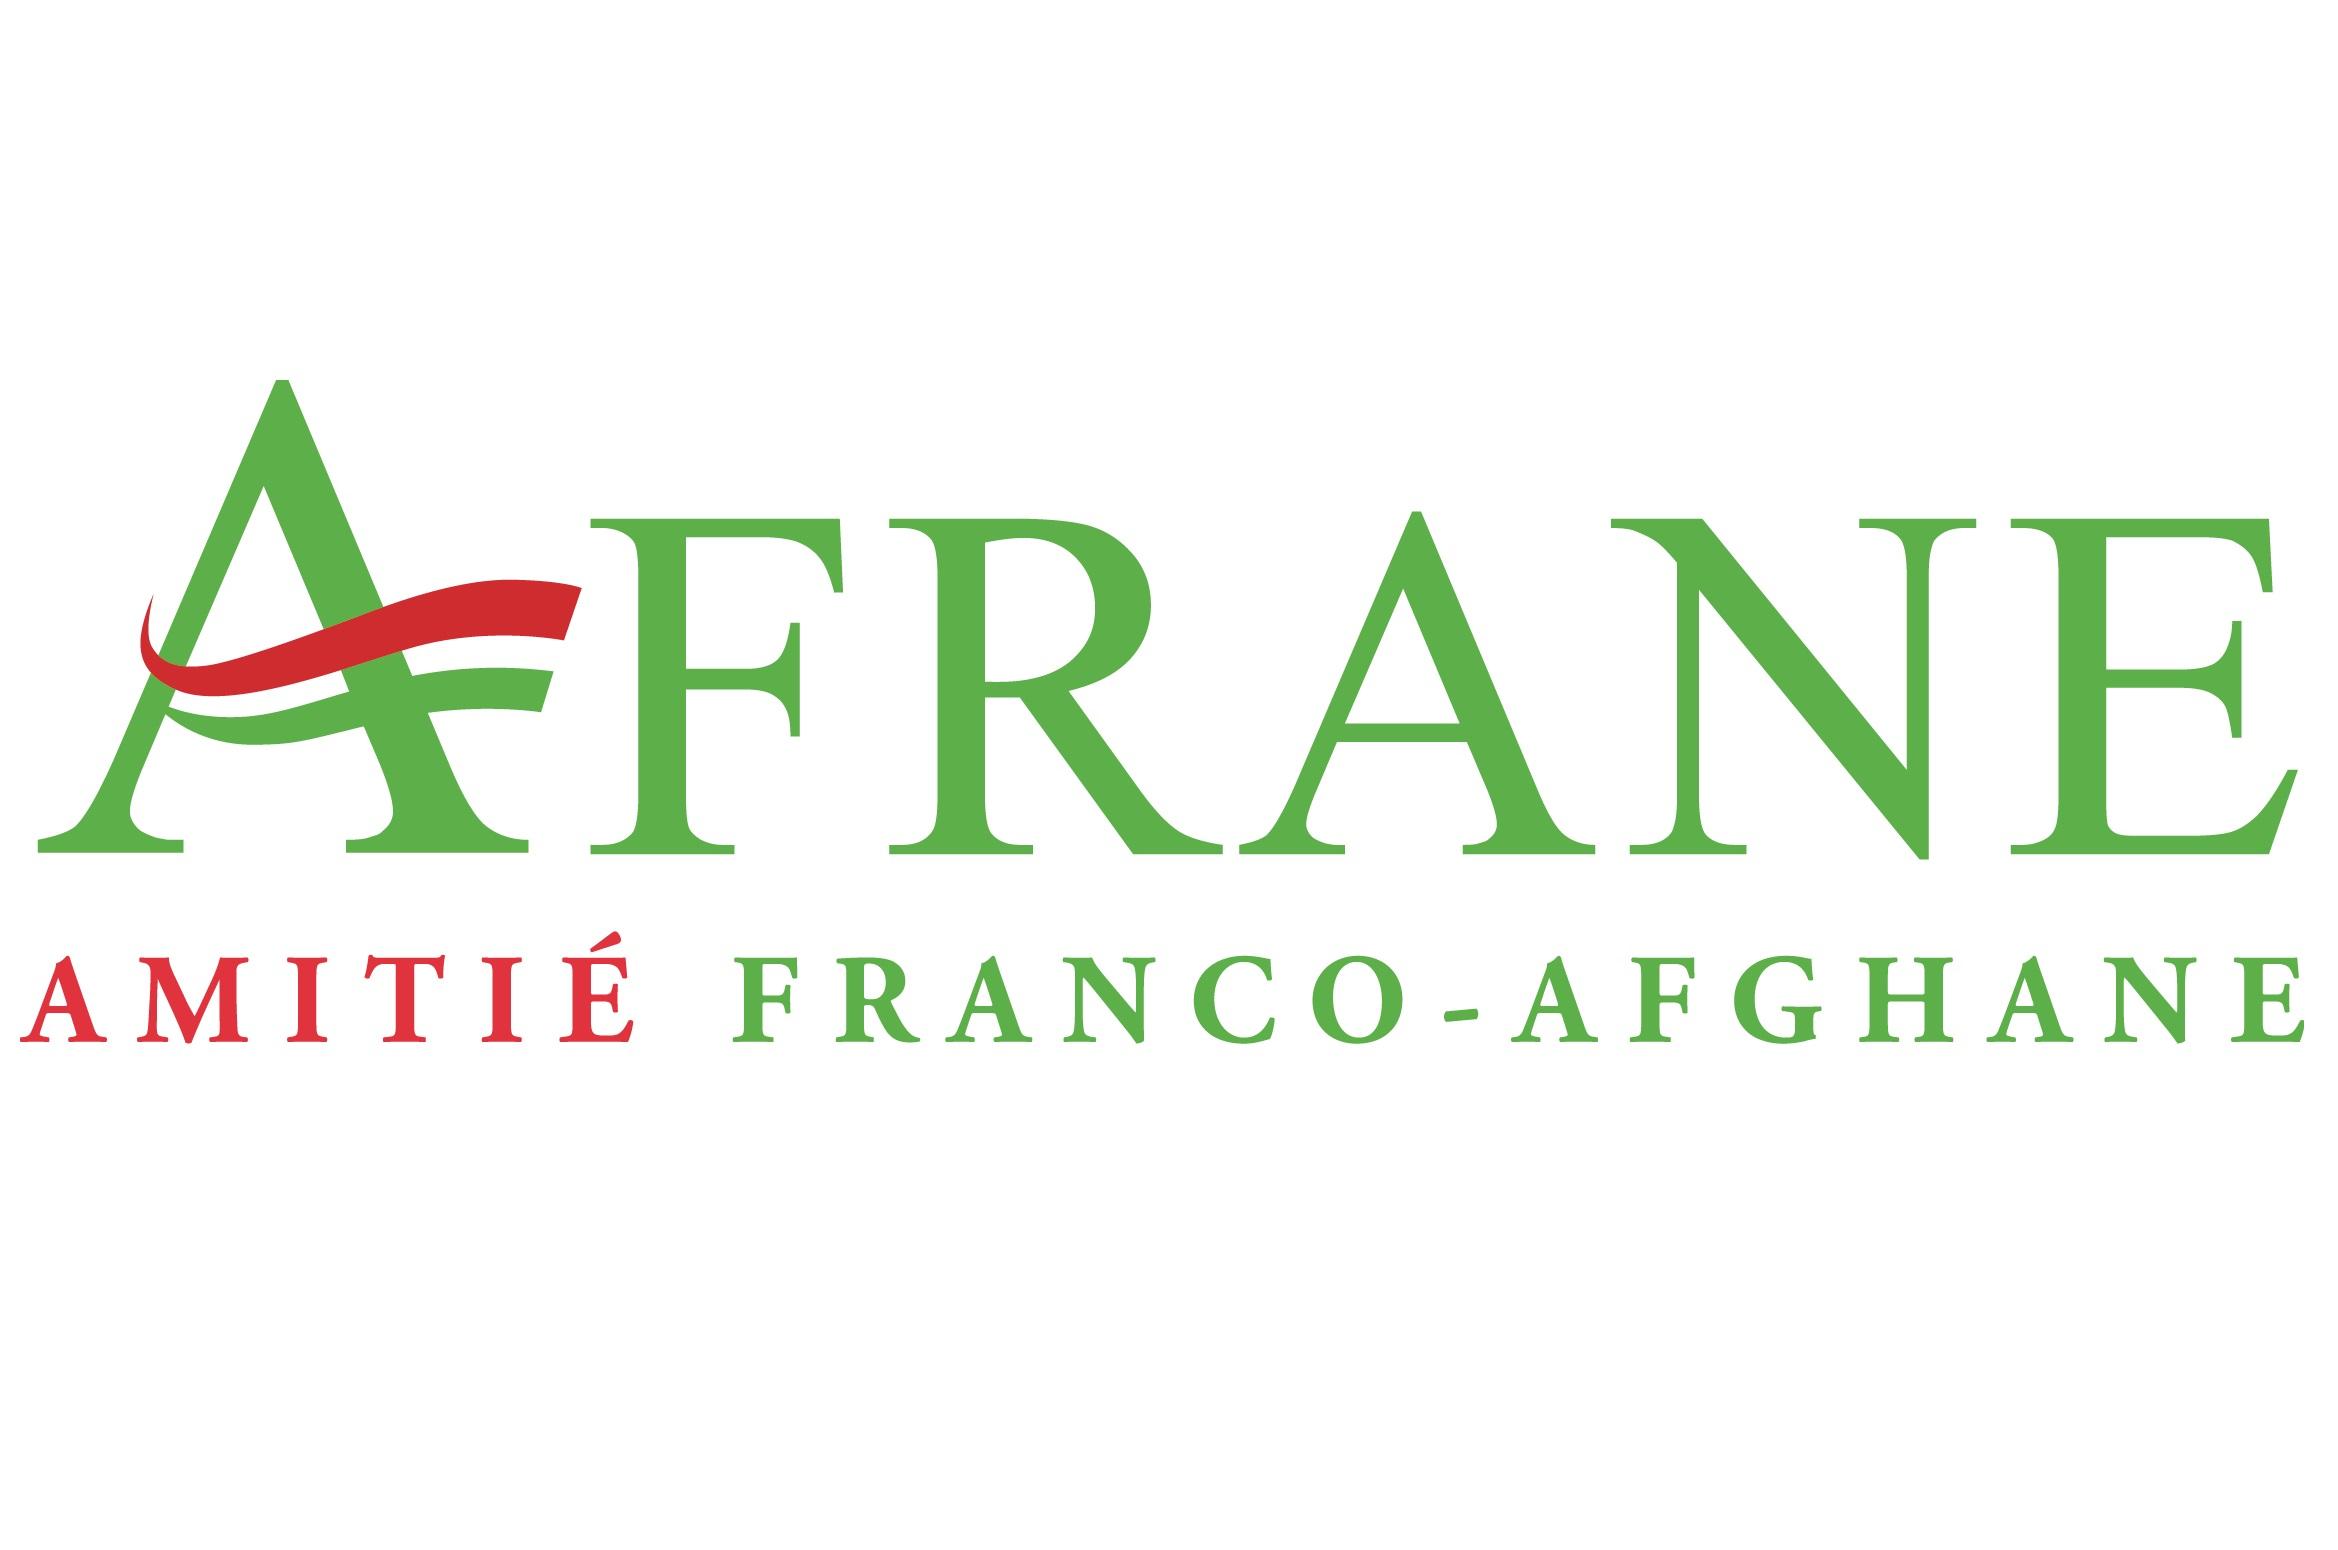 Afrane amitié franco-afghane